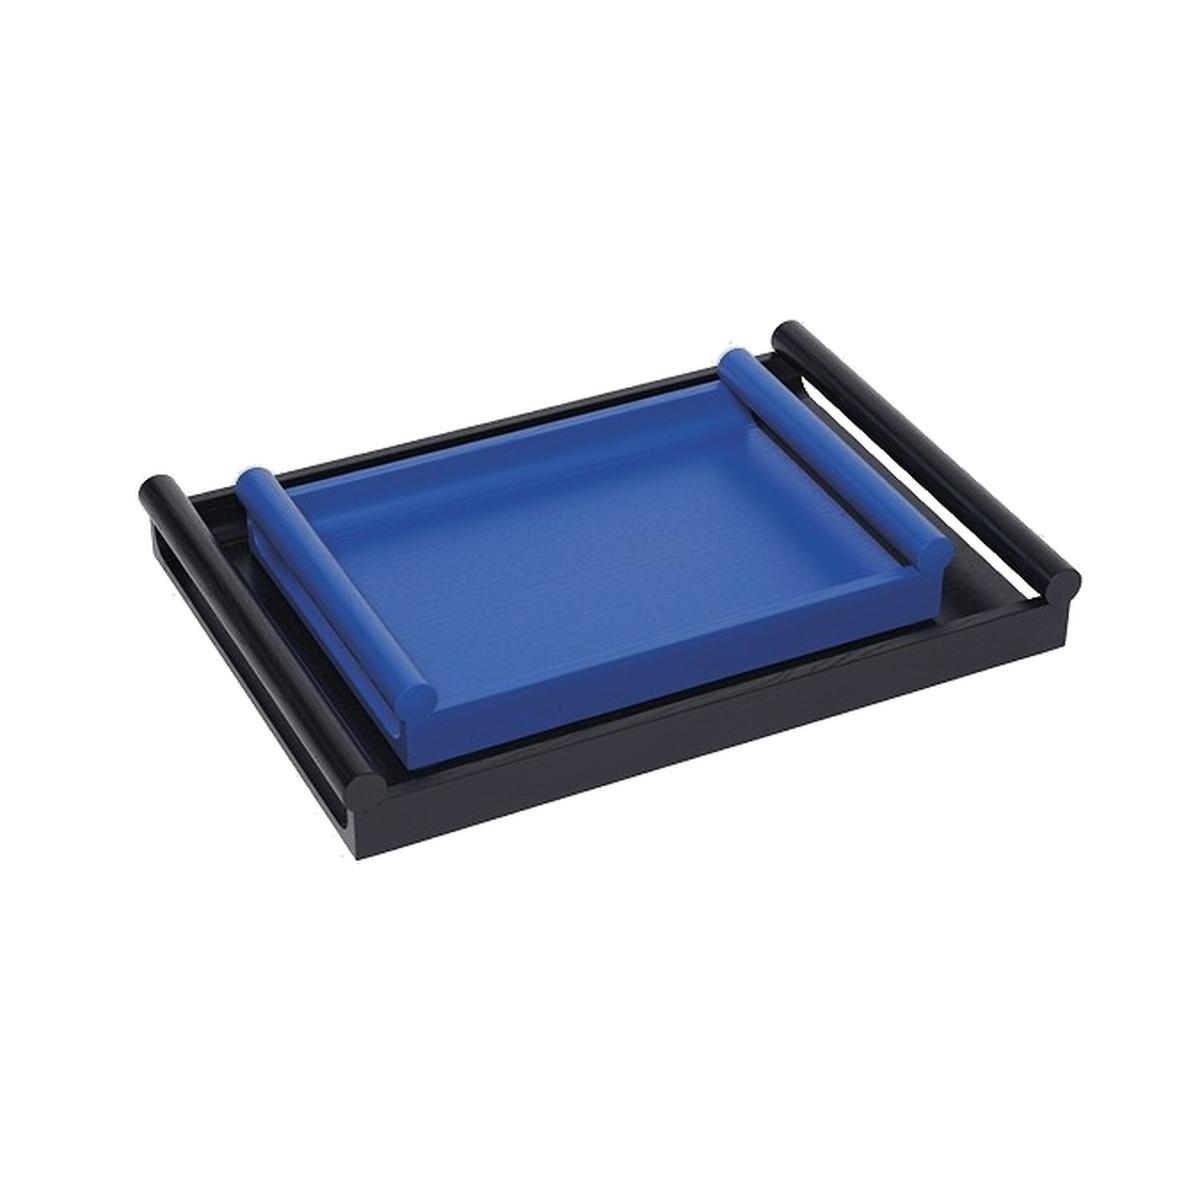 OLEH Tablett klein und groß inneinander gestellt